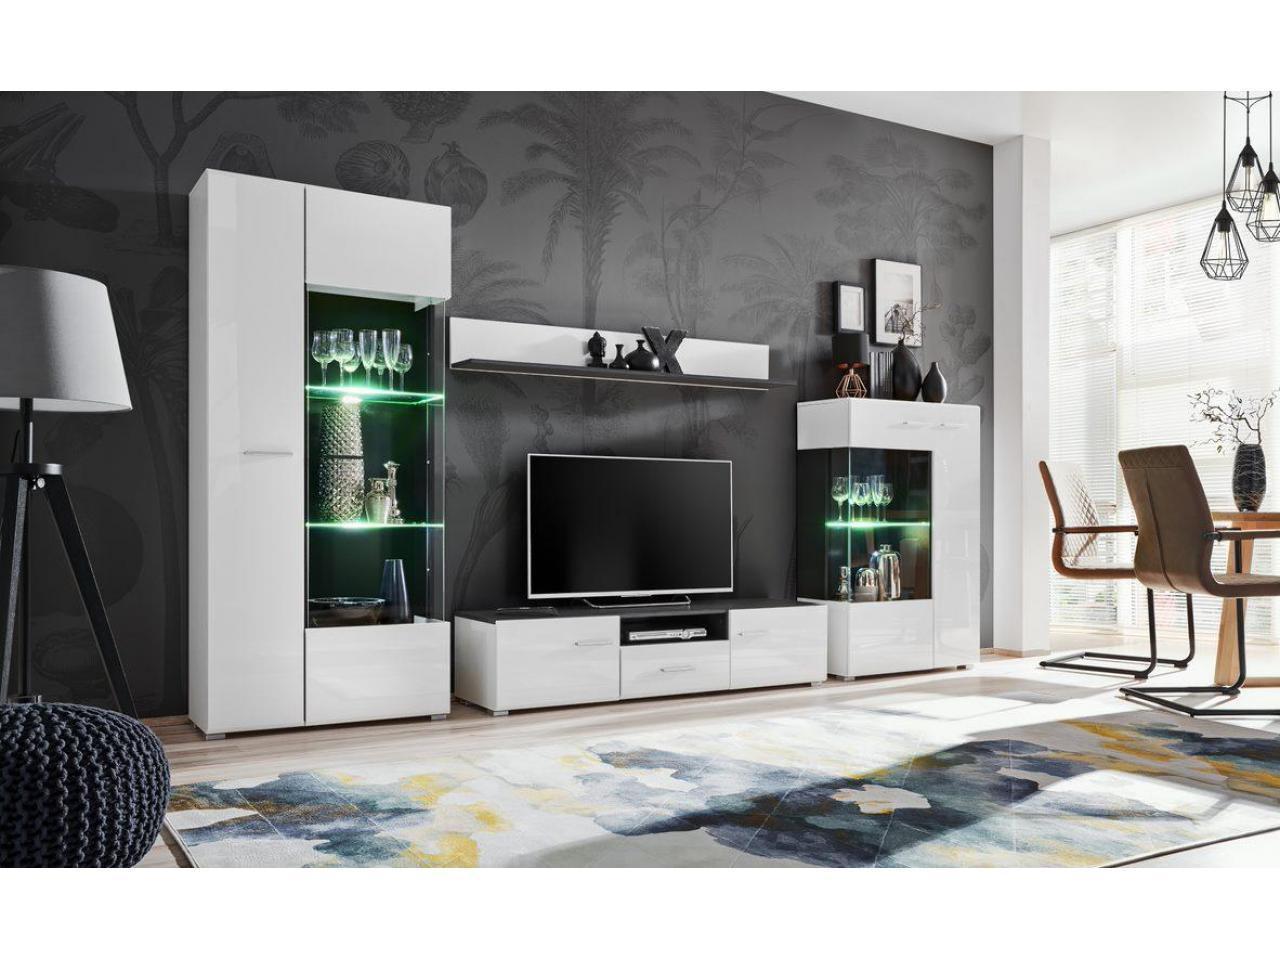 Furnipol-Польская мебель для дома - 9